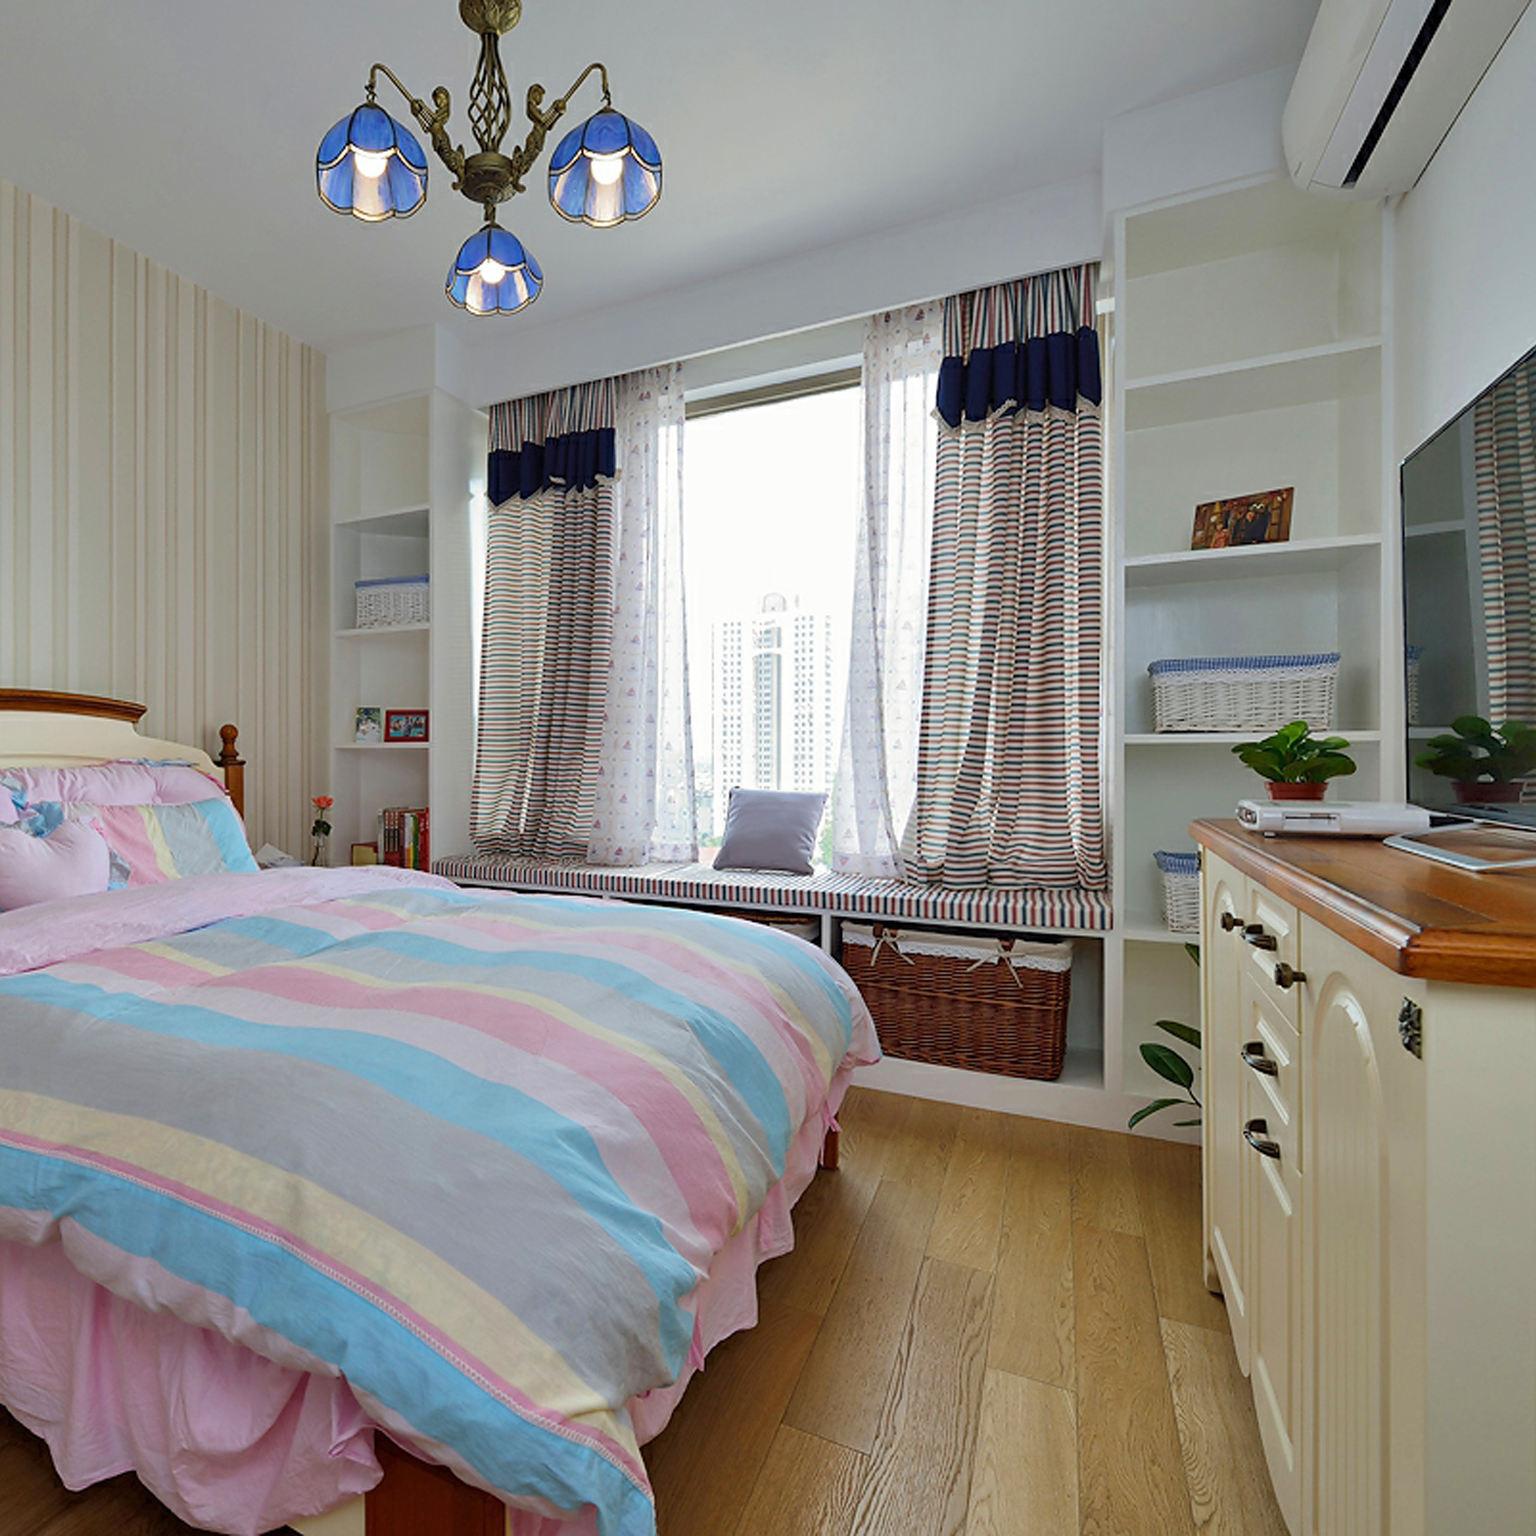 地中海风格卧室吊灯装饰